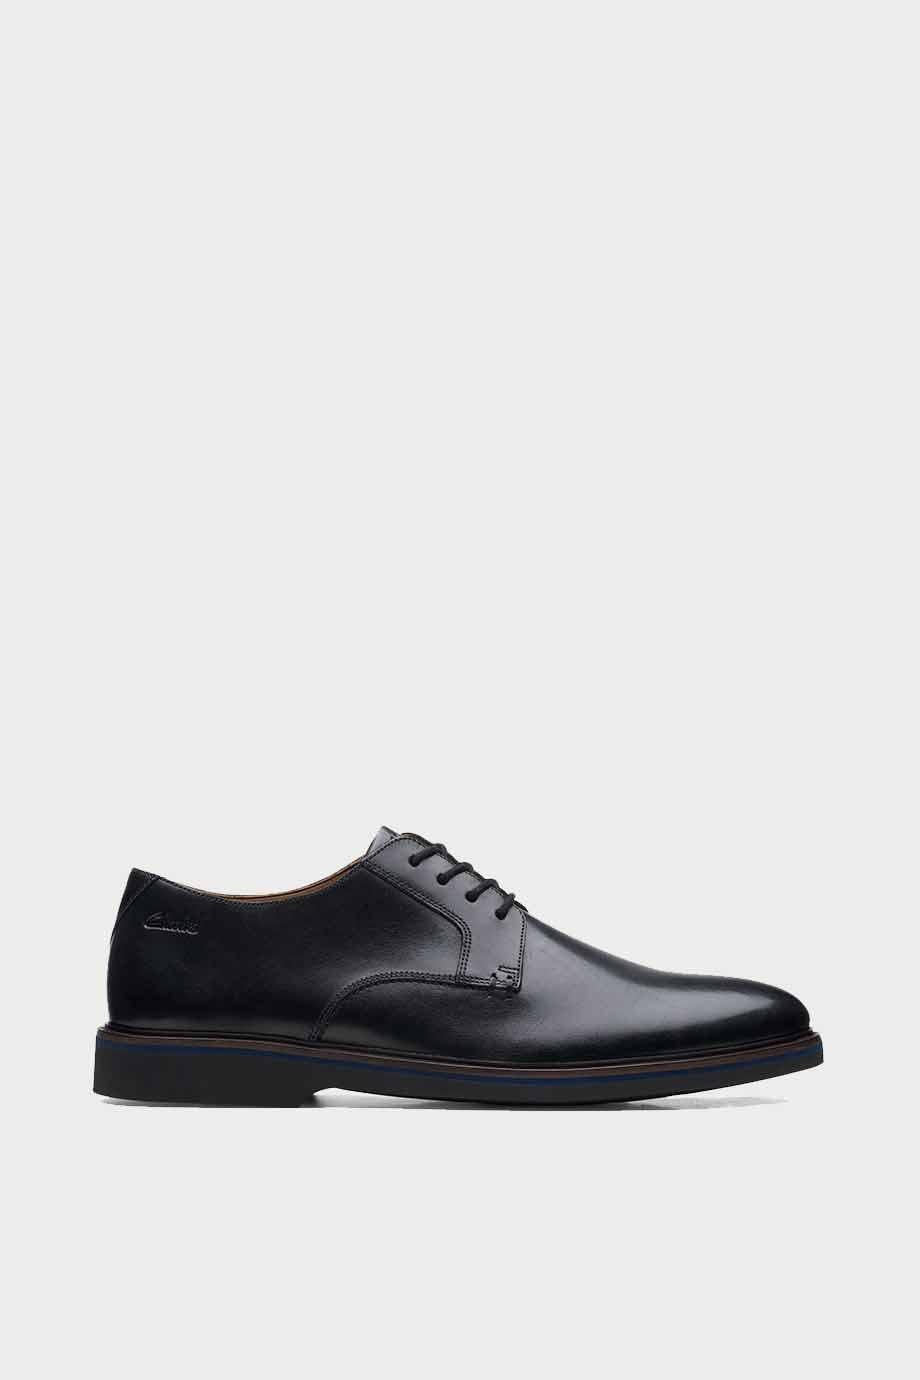 spiridoula metheniti shoes xalkida p Malwood Plain clarks black leather 1